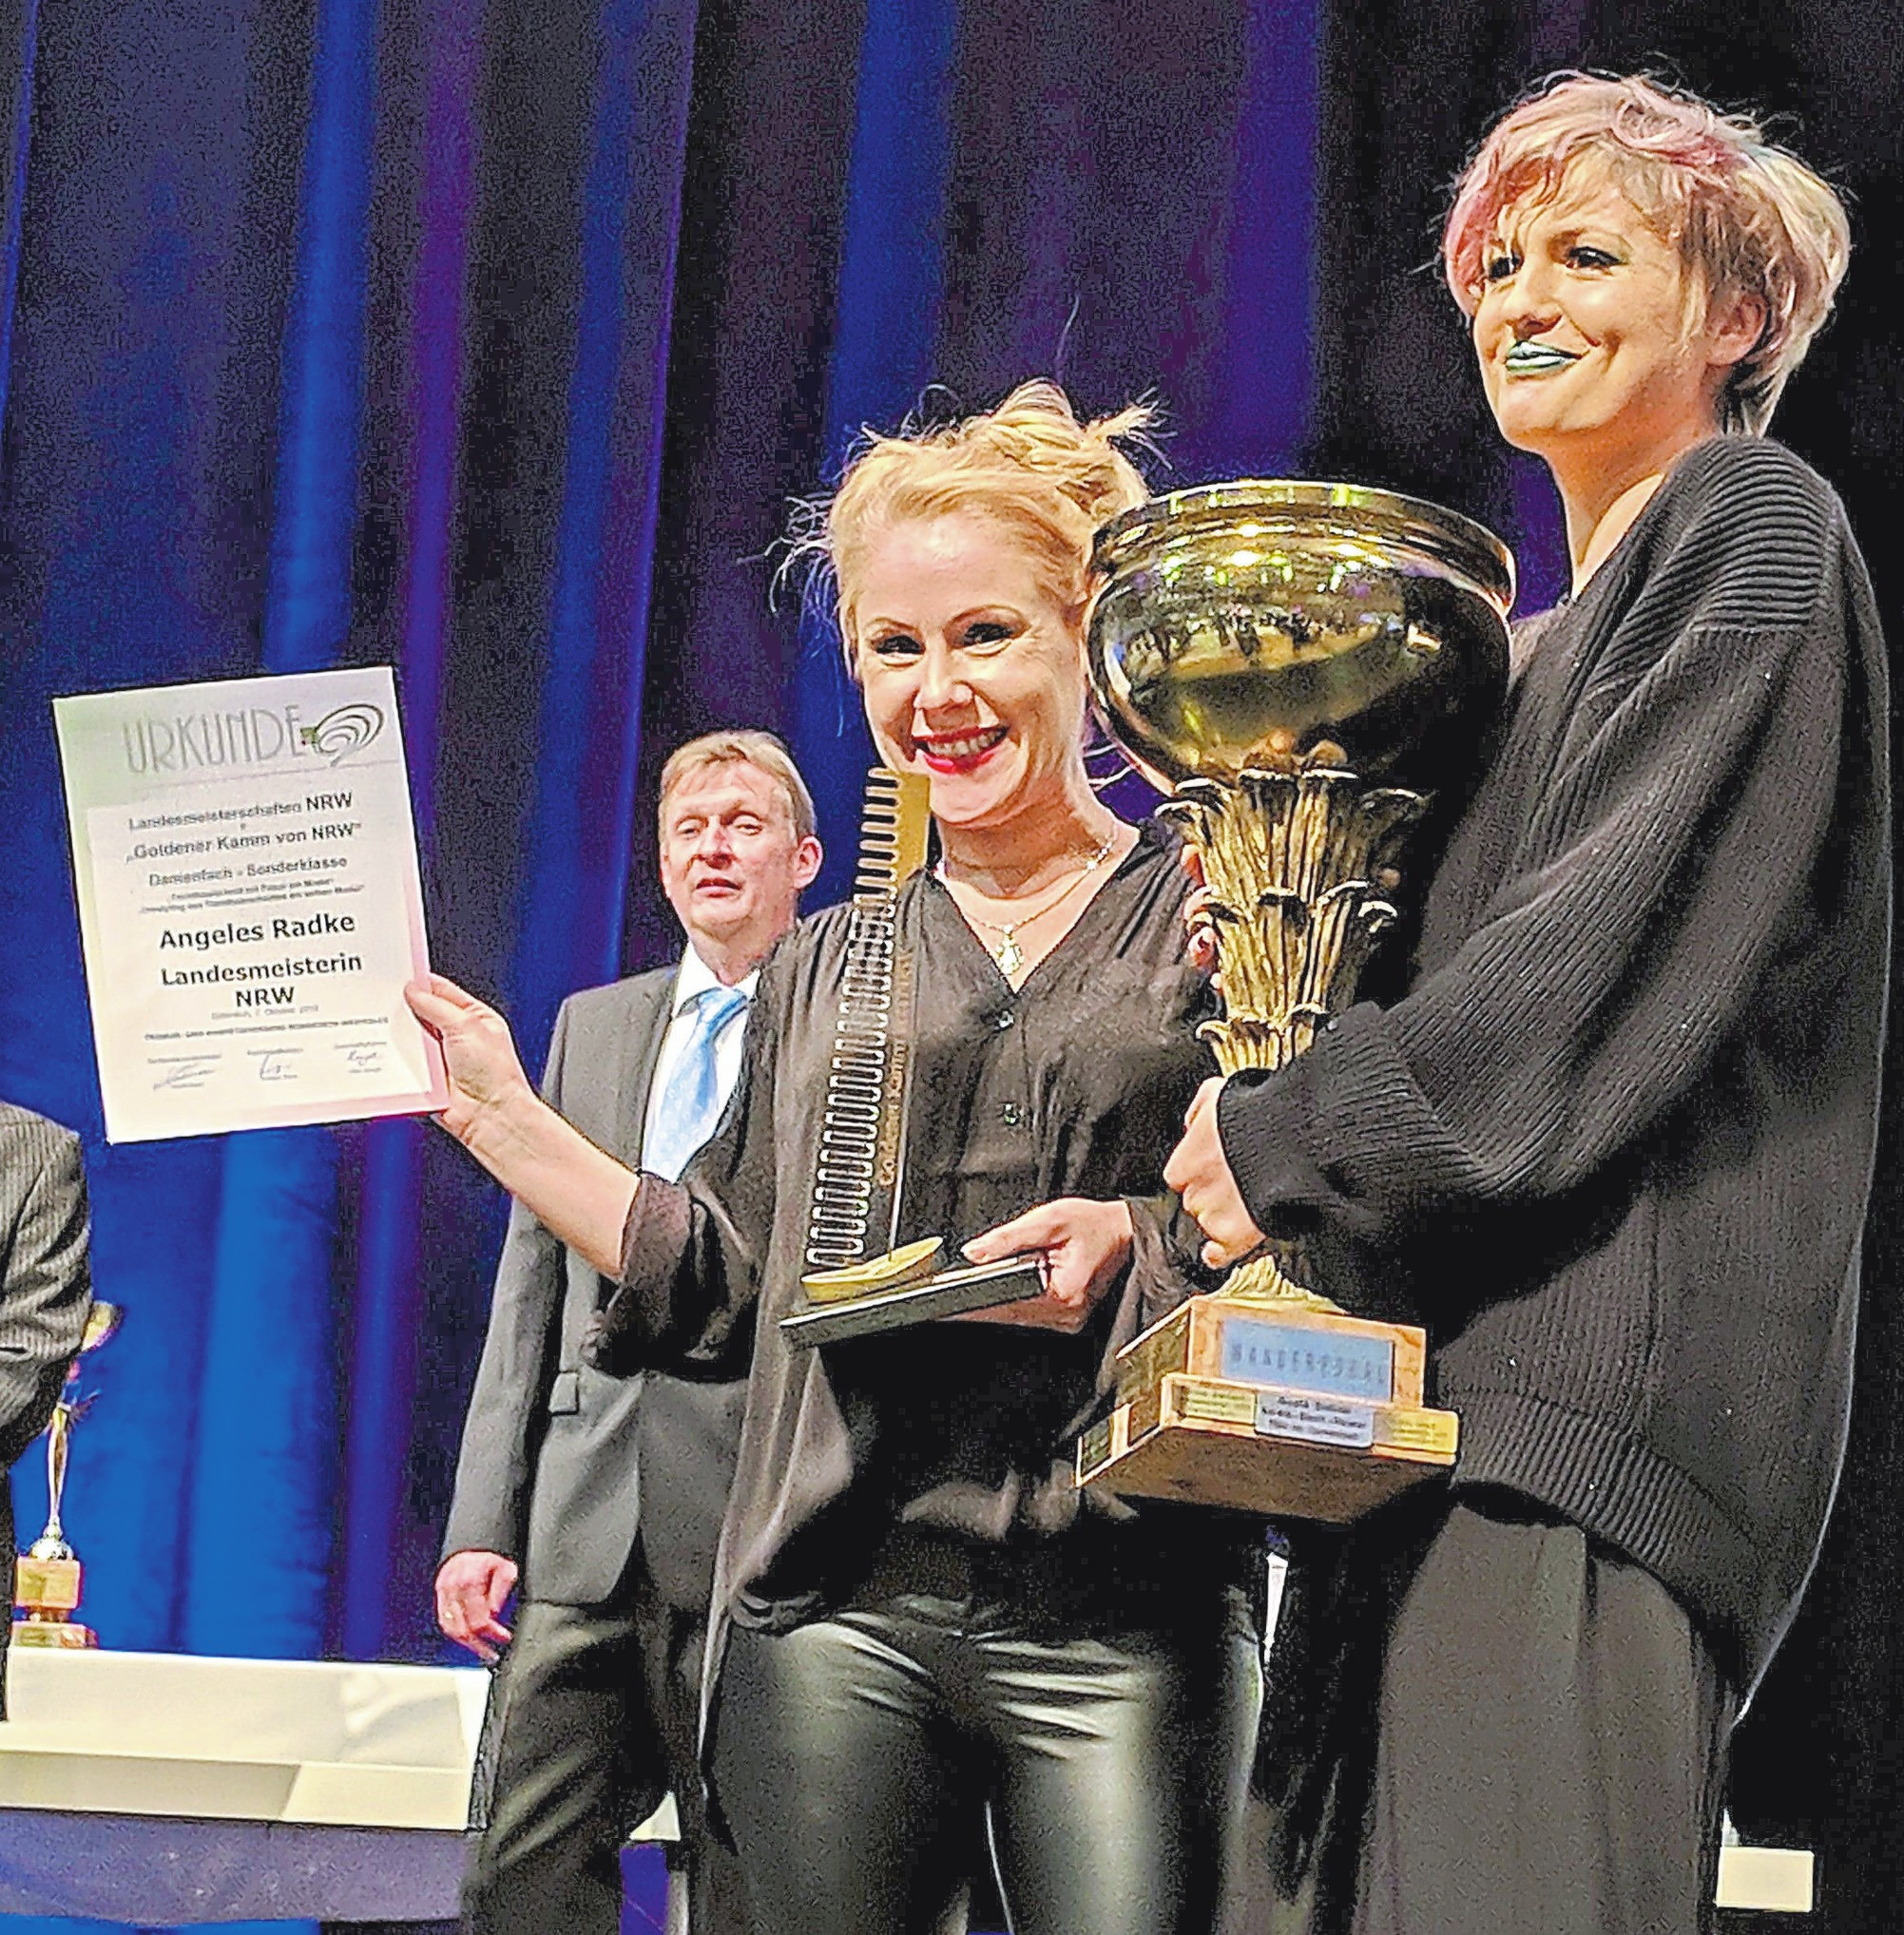 Das Team rund um Fiol Thormann ist stolz: Mitarbeiterin Angeles Radke wurde Landesmeisterin 2018.